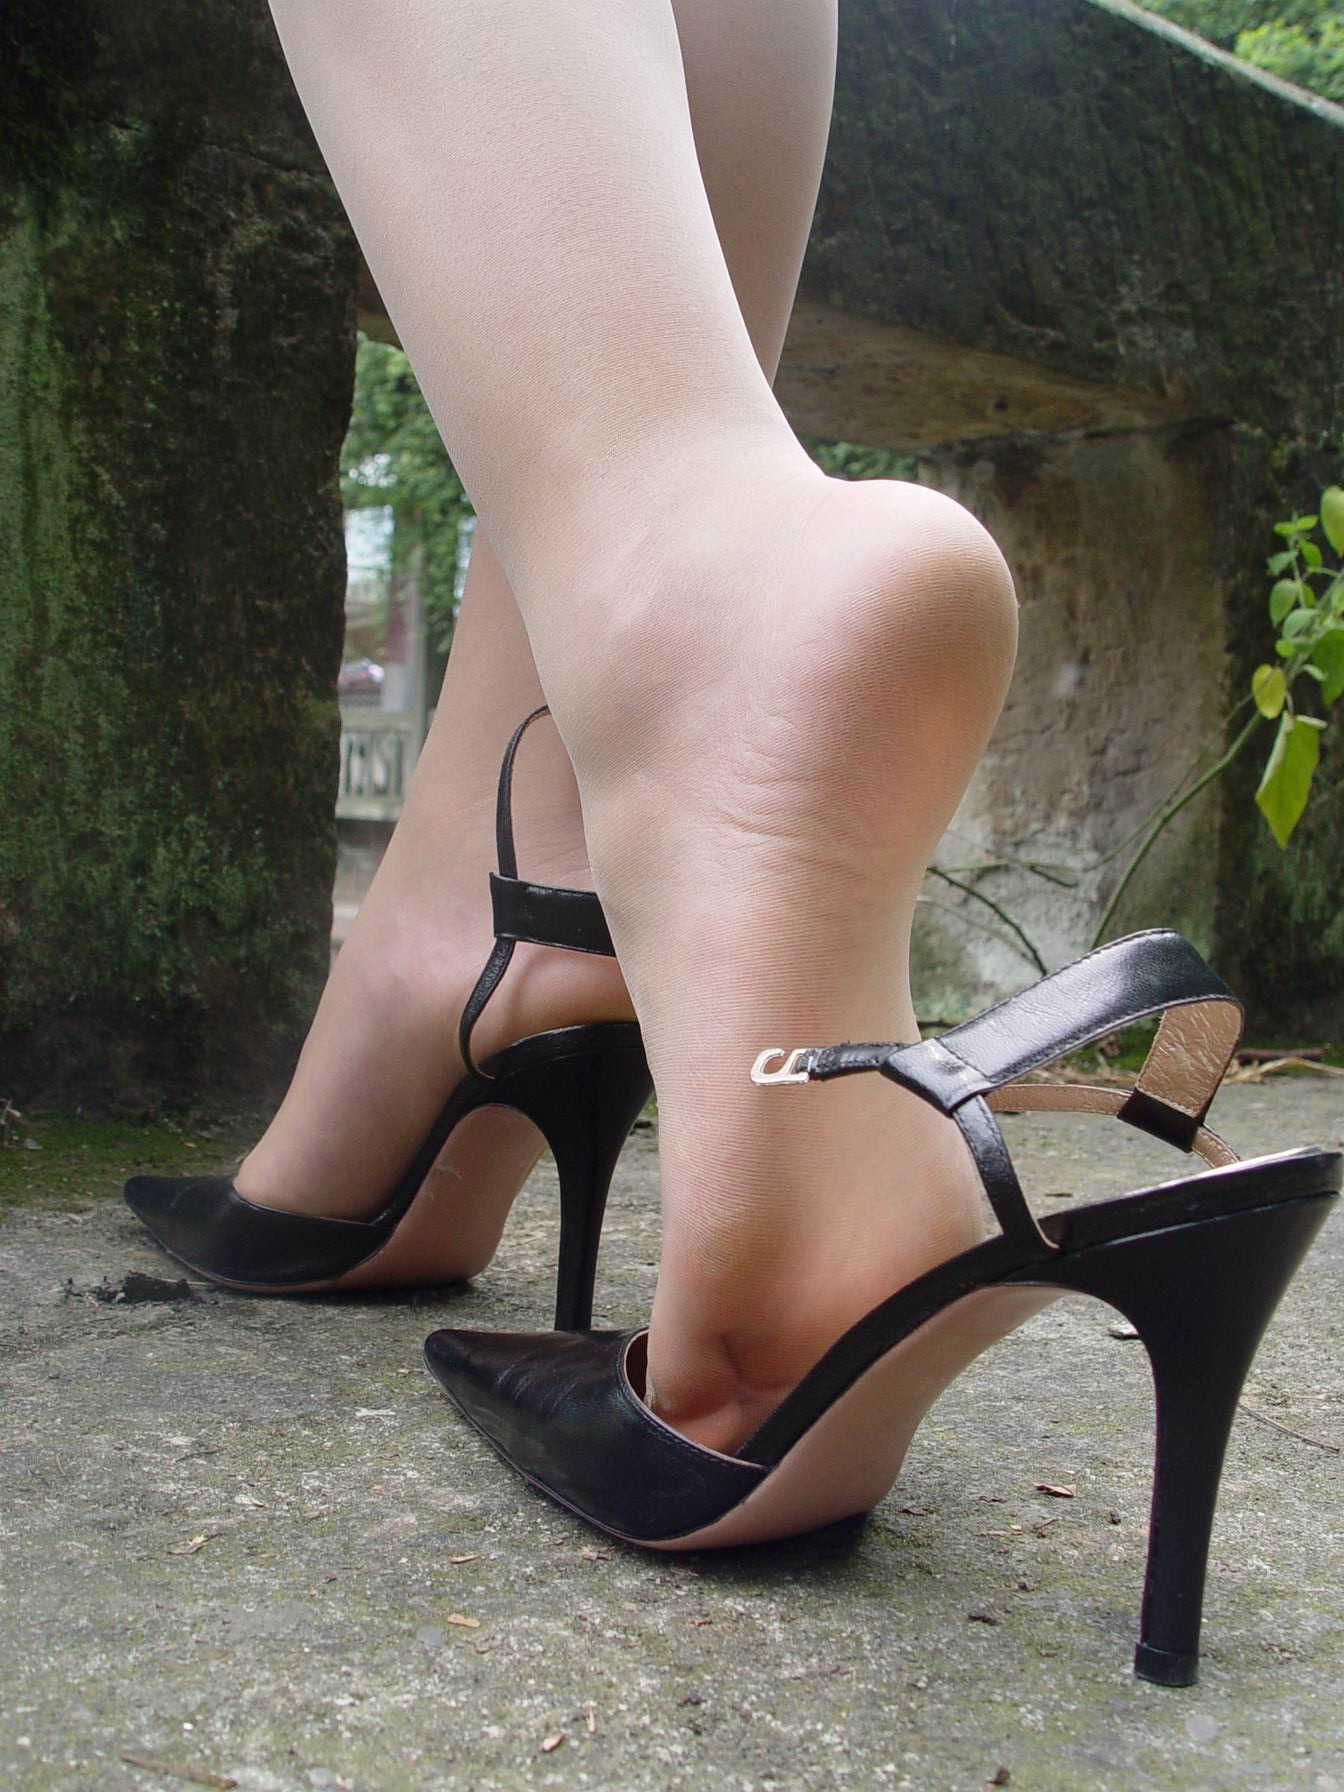 美脚OLがハイヒールの足裏をチラつかせる誘惑的エロ画像1枚目